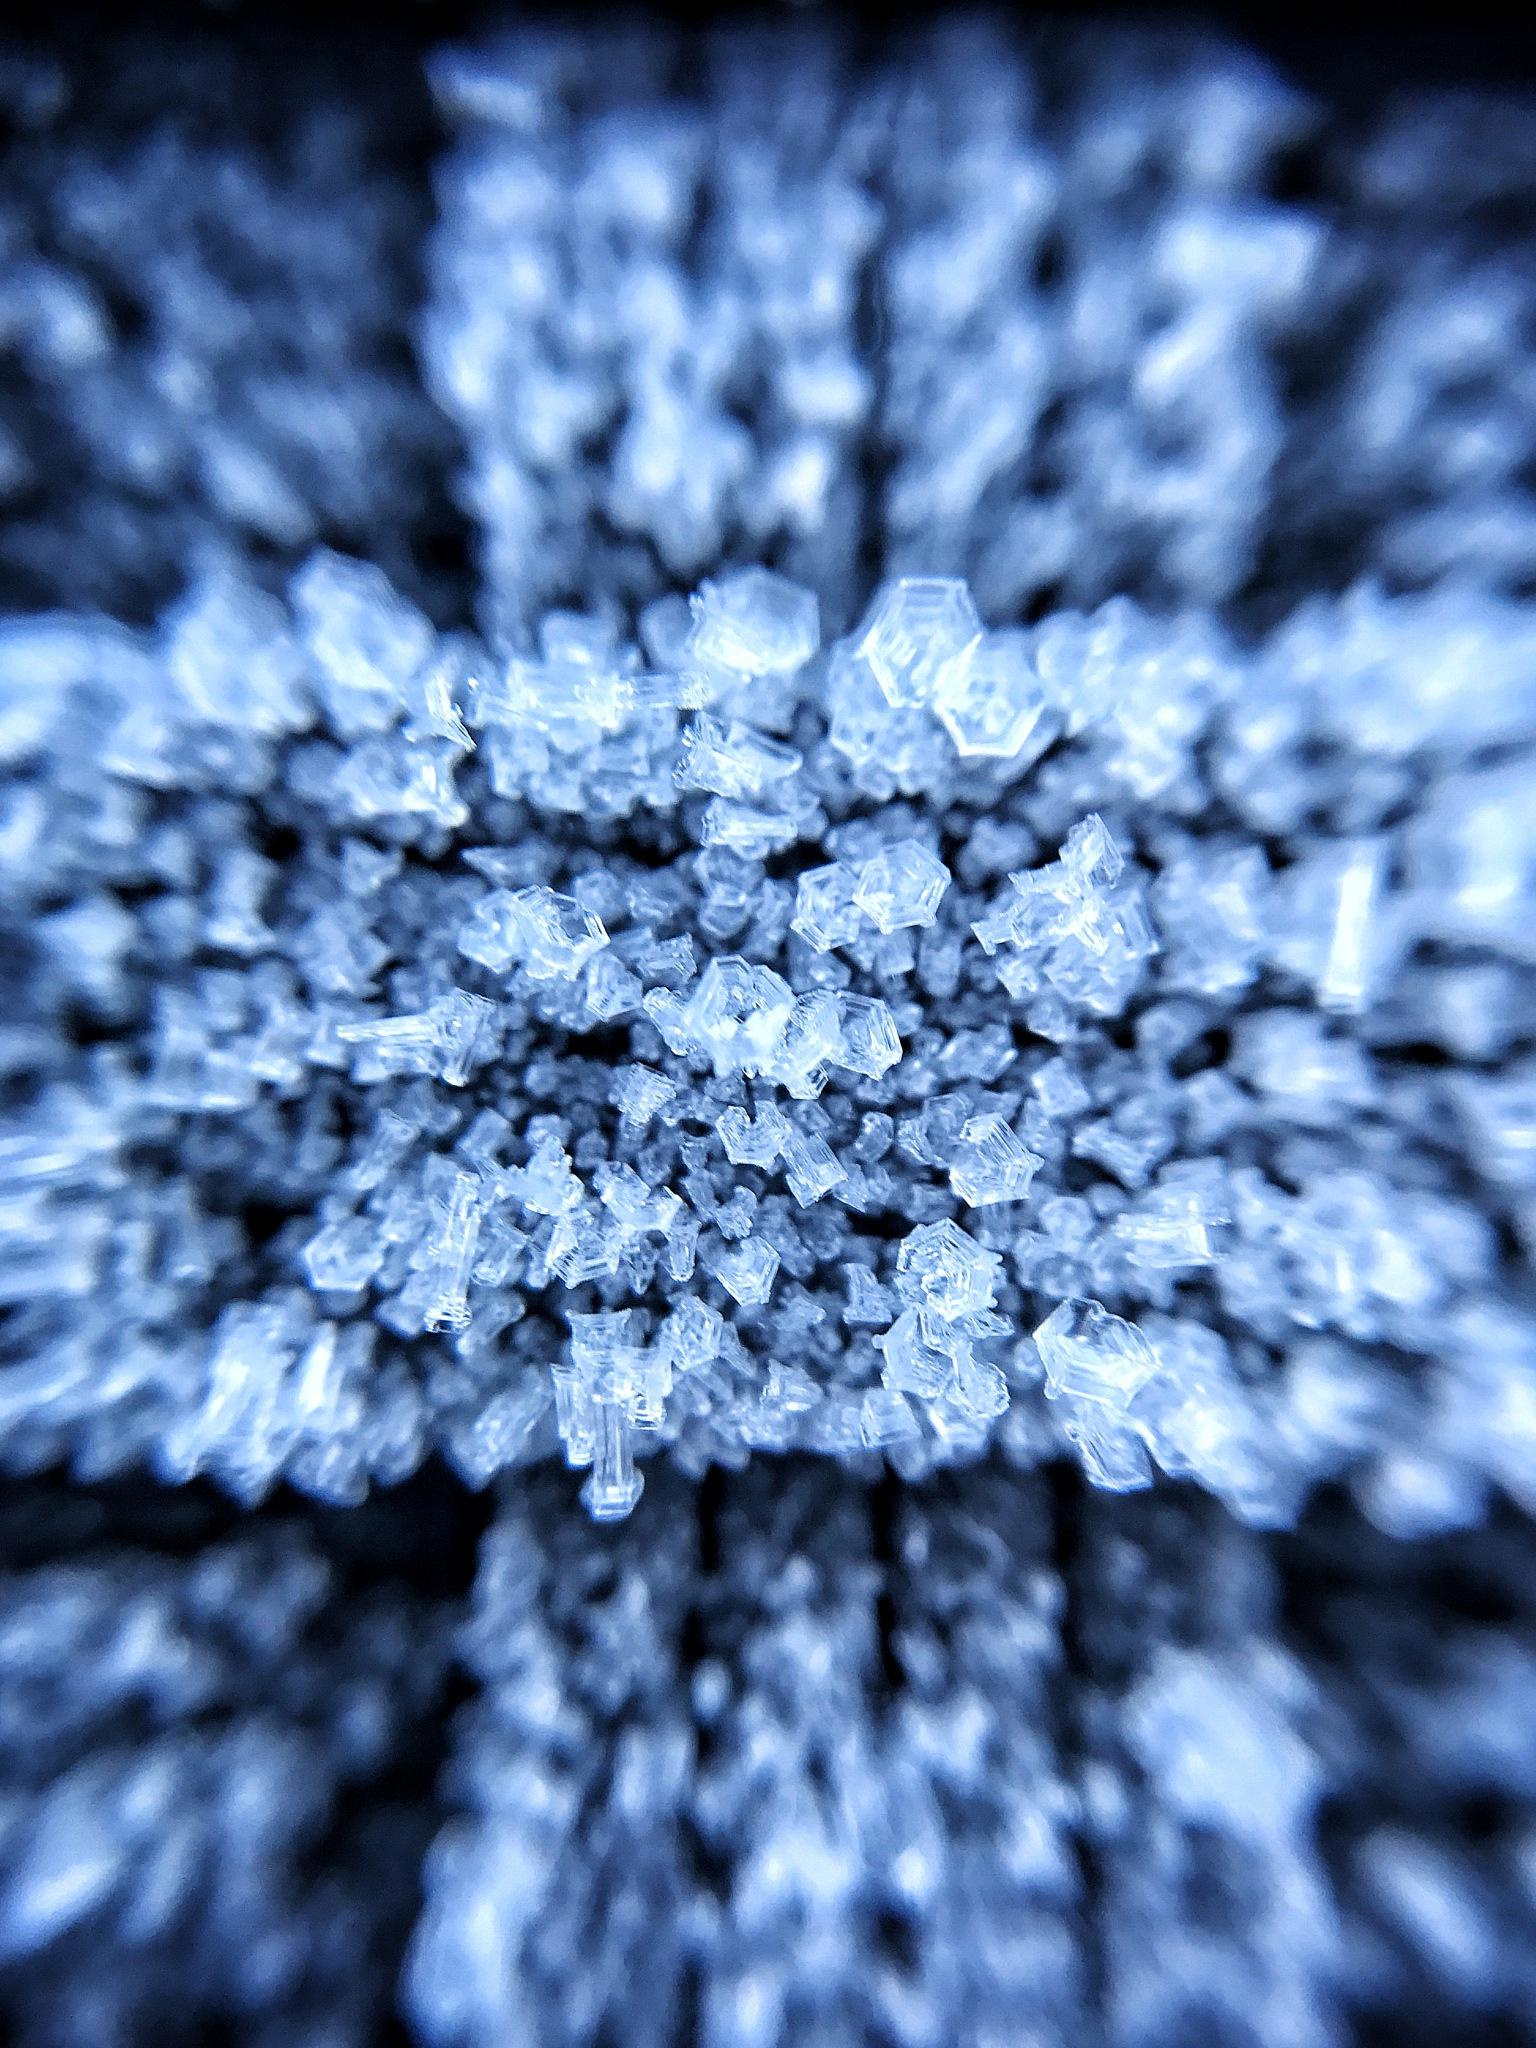 Morning frost 2 by Peter van der Waard